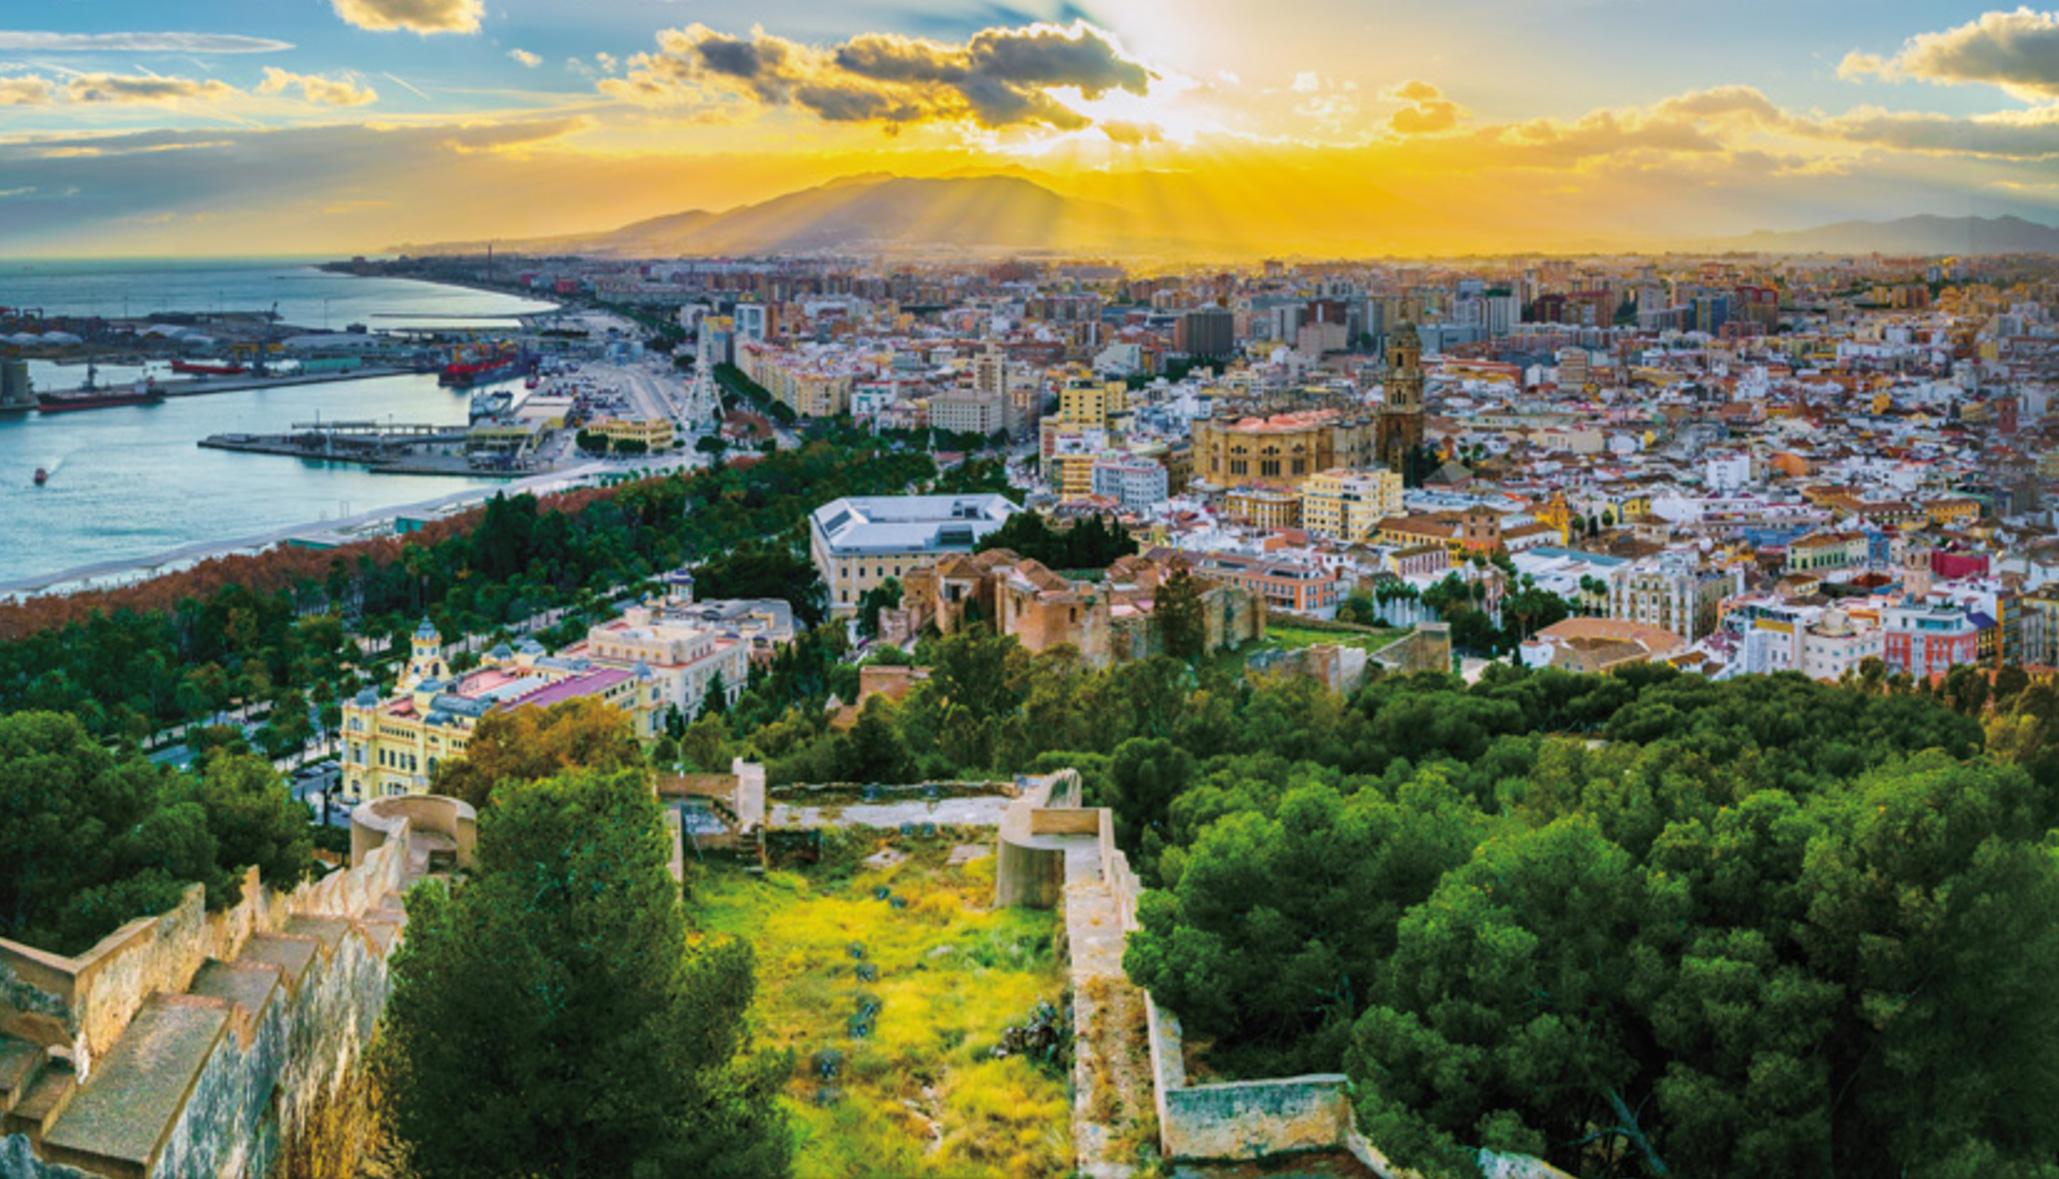 Málaga: April 22-28, 2018